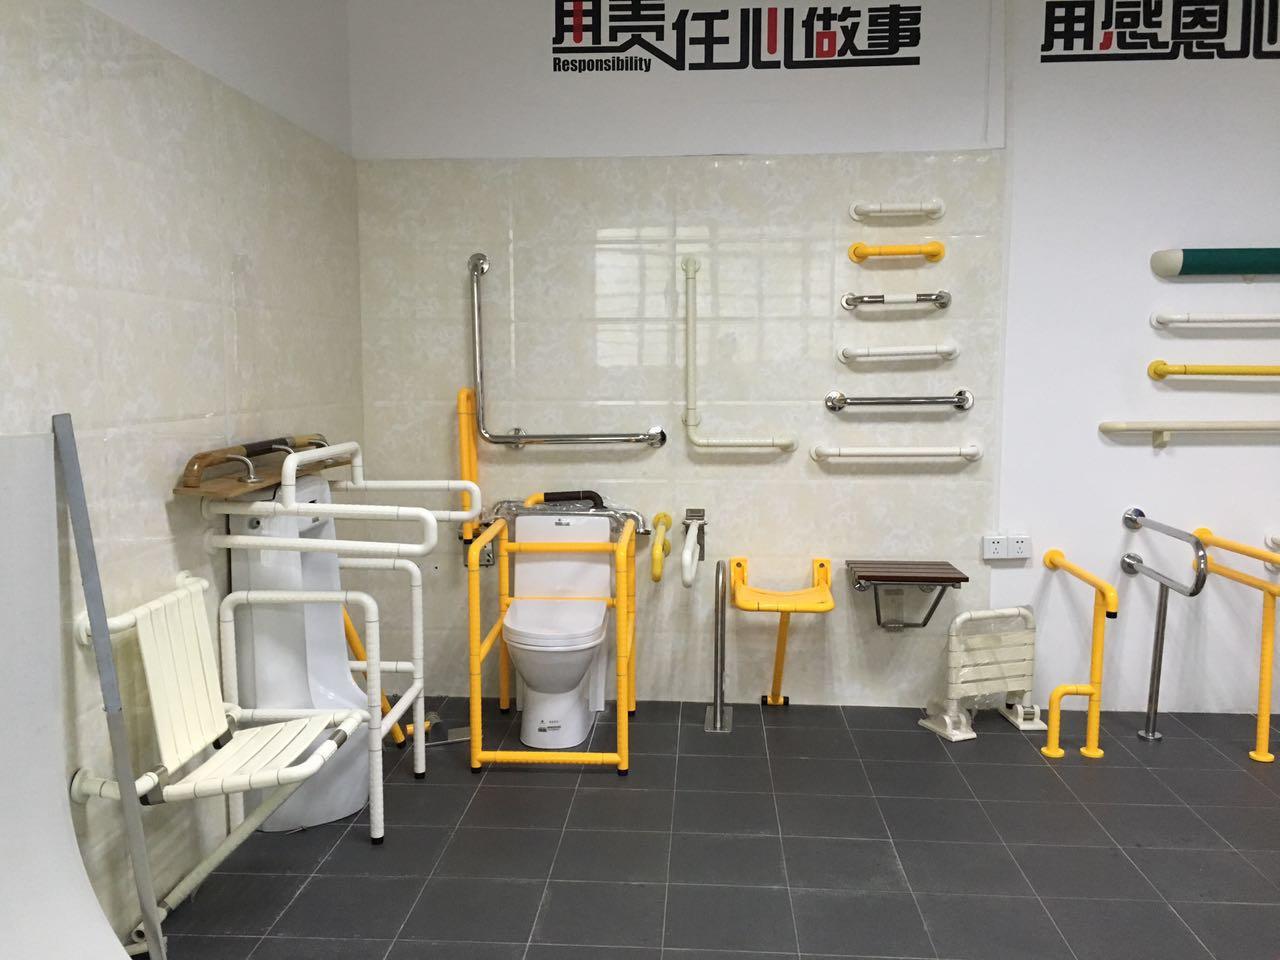 【尼龙】残疾人扶手,海南客户选购